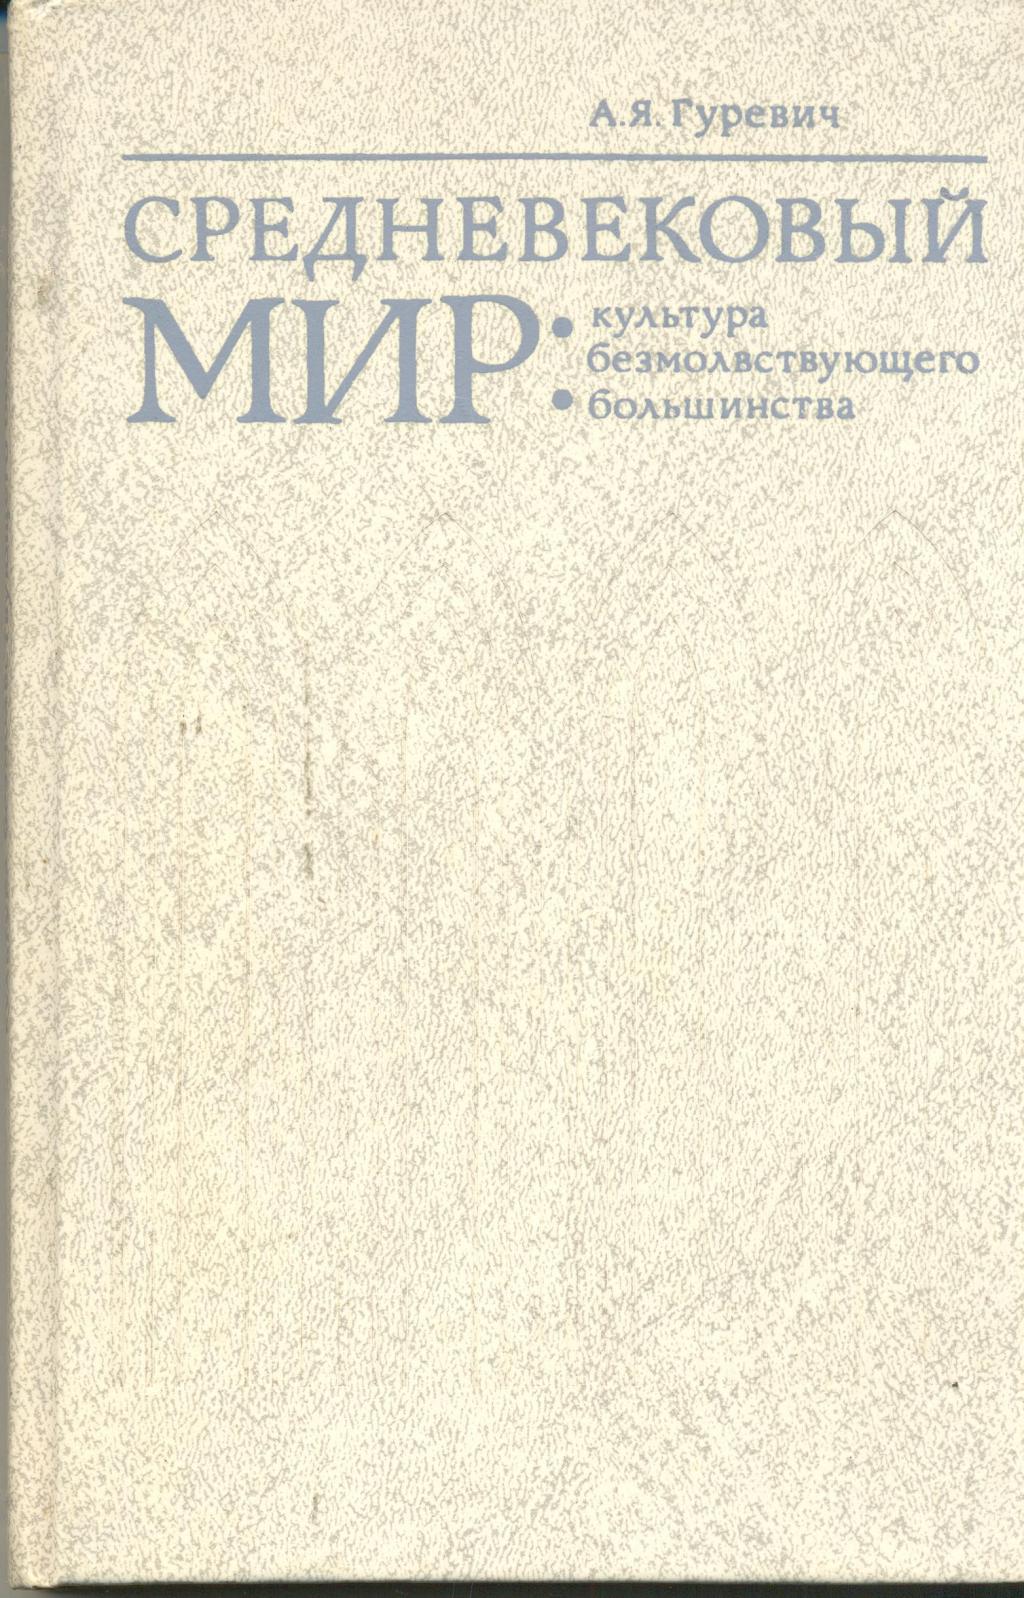 Культура безмолствующего большинства - отзывы и обсуждения книги, автора арон гуревич от читателей